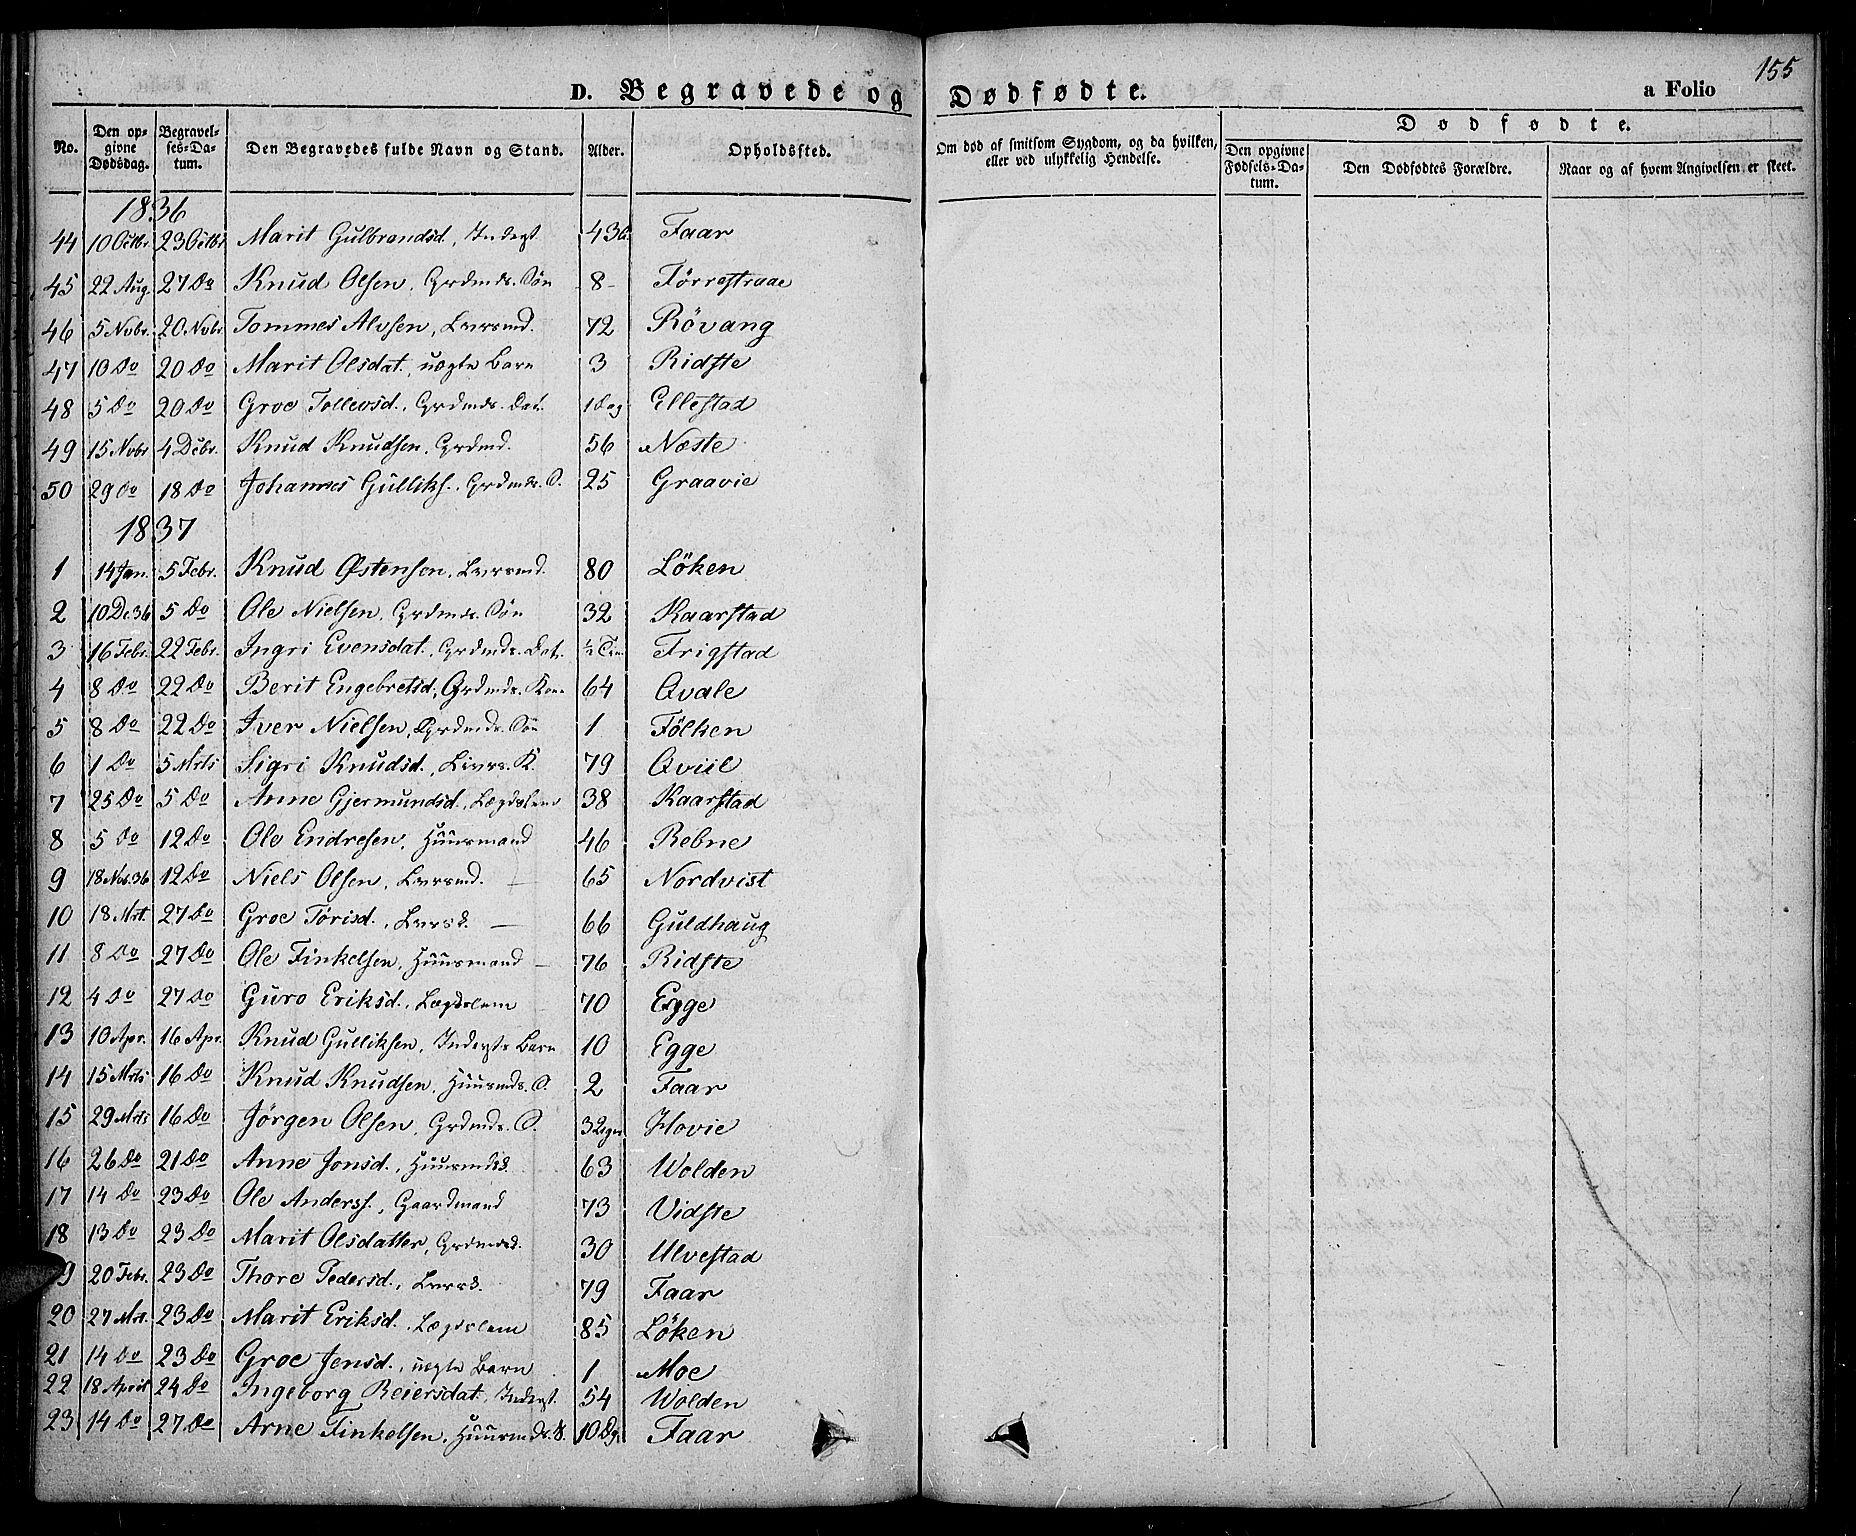 SAH, Slidre prestekontor, Ministerialbok nr. 3, 1831-1843, s. 155